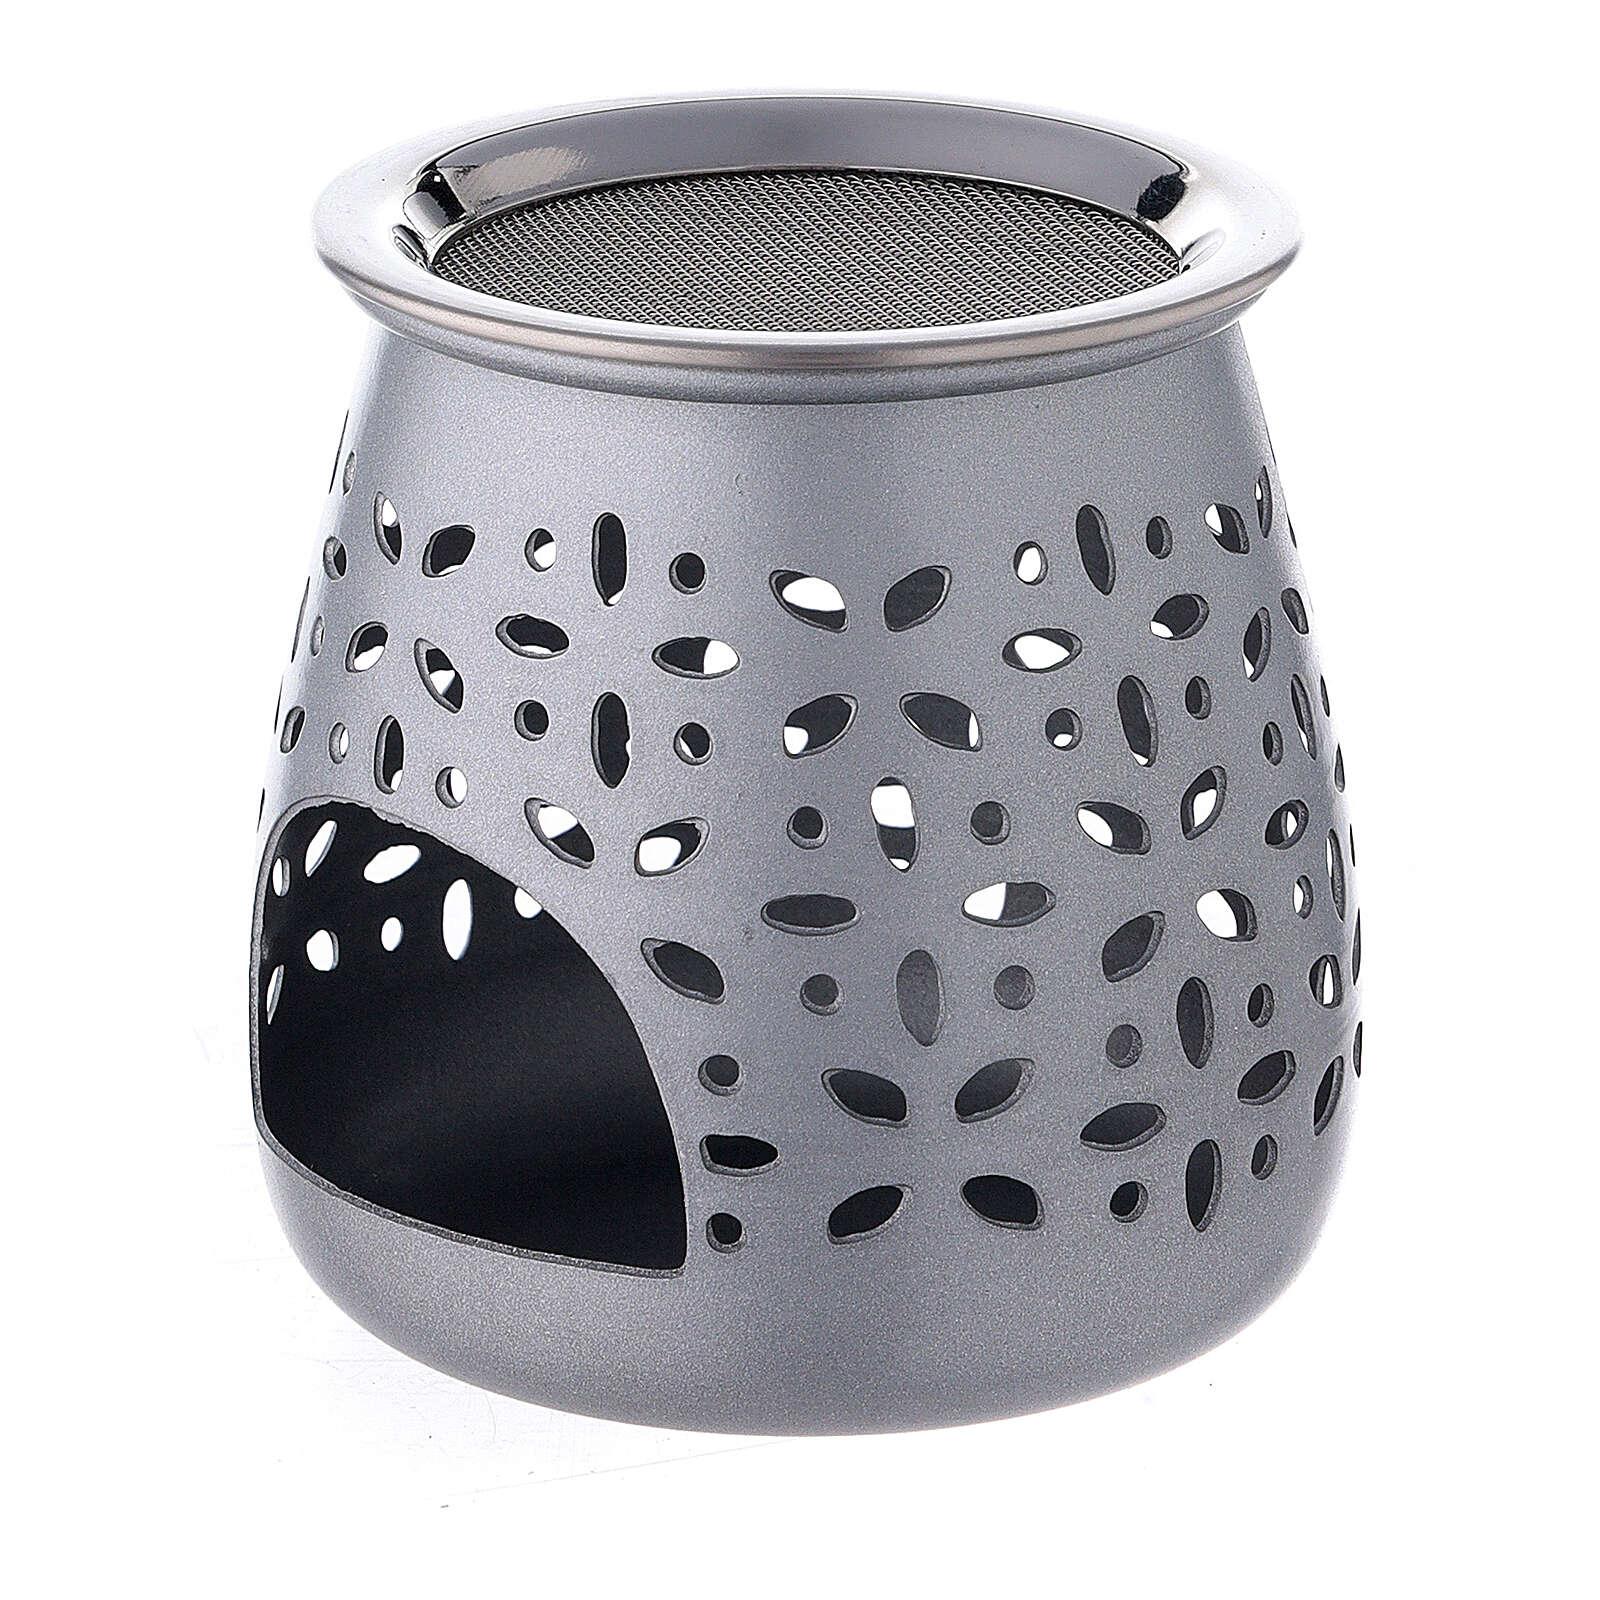 Brûle-encens aluminium satiné 8 cm ouvertures 3